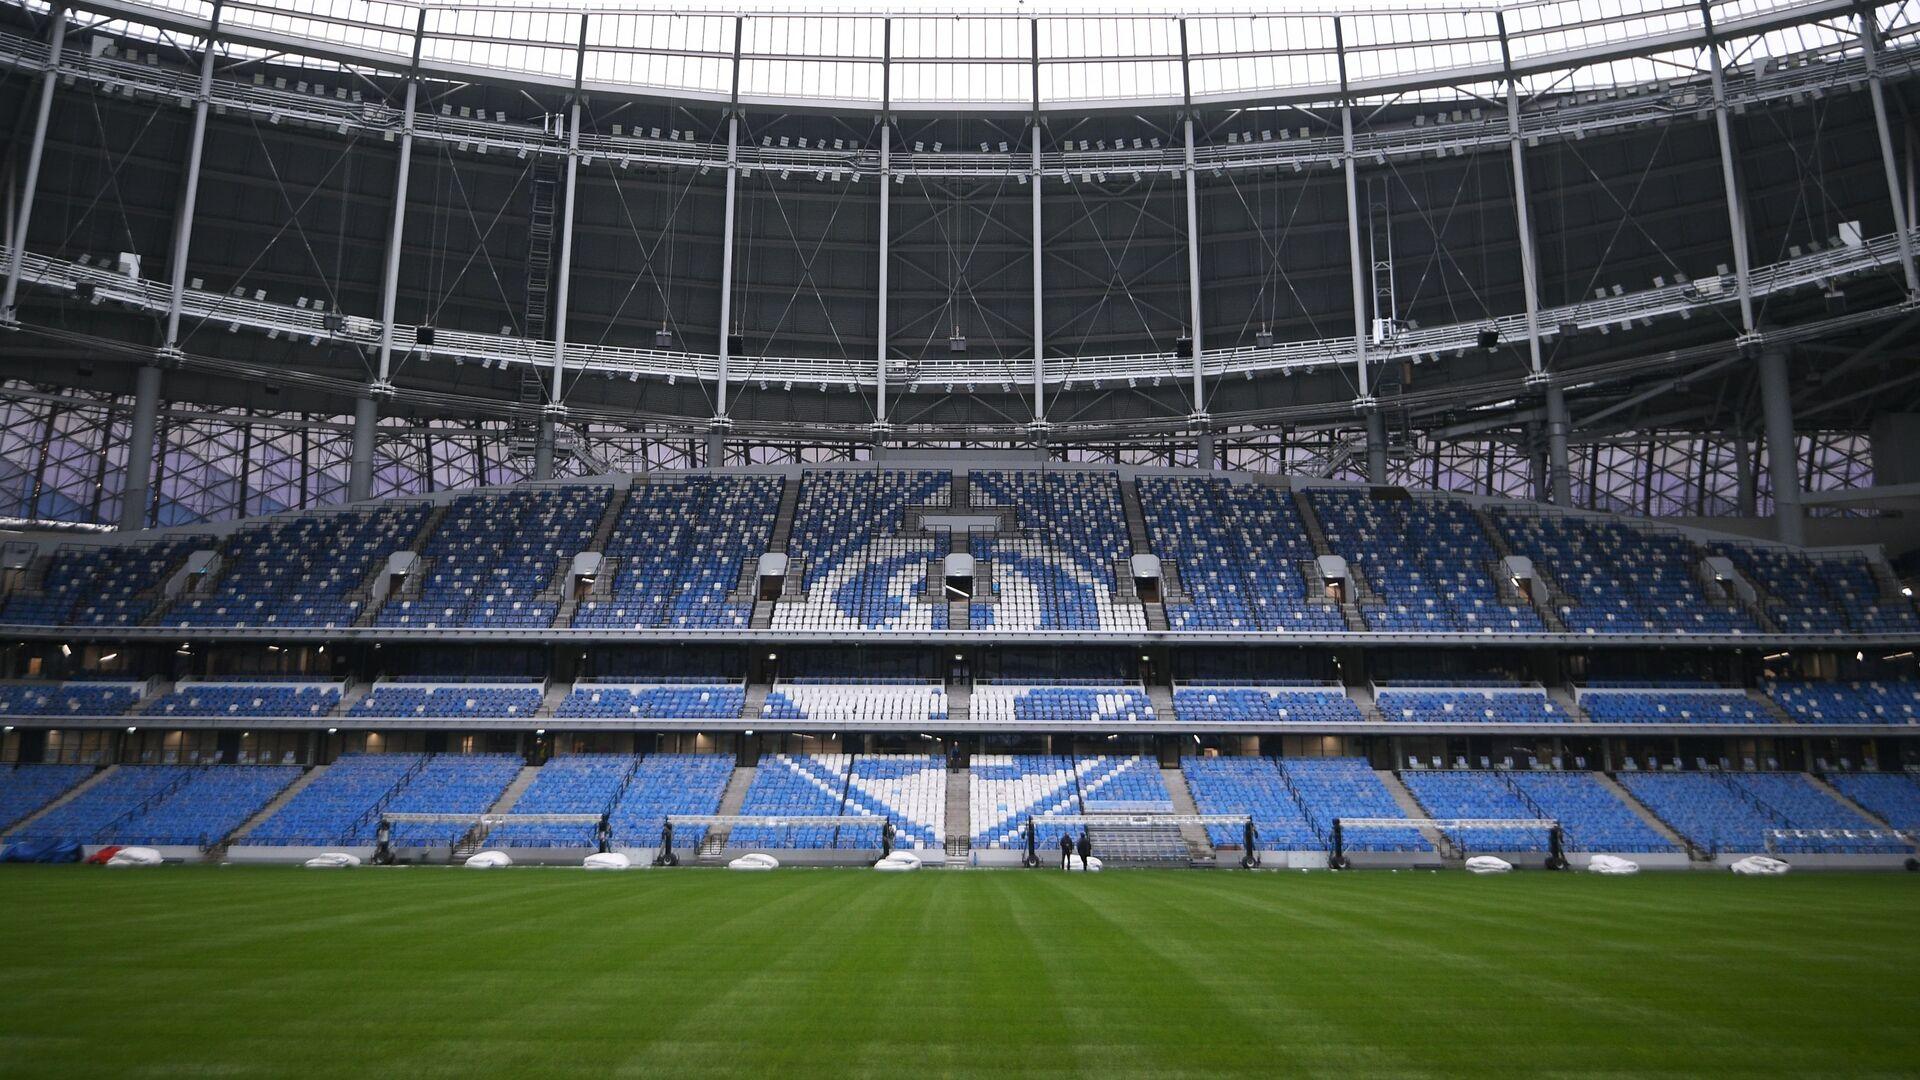 Футбольный стадион Динамо - РИА Новости, 1920, 24.06.2021